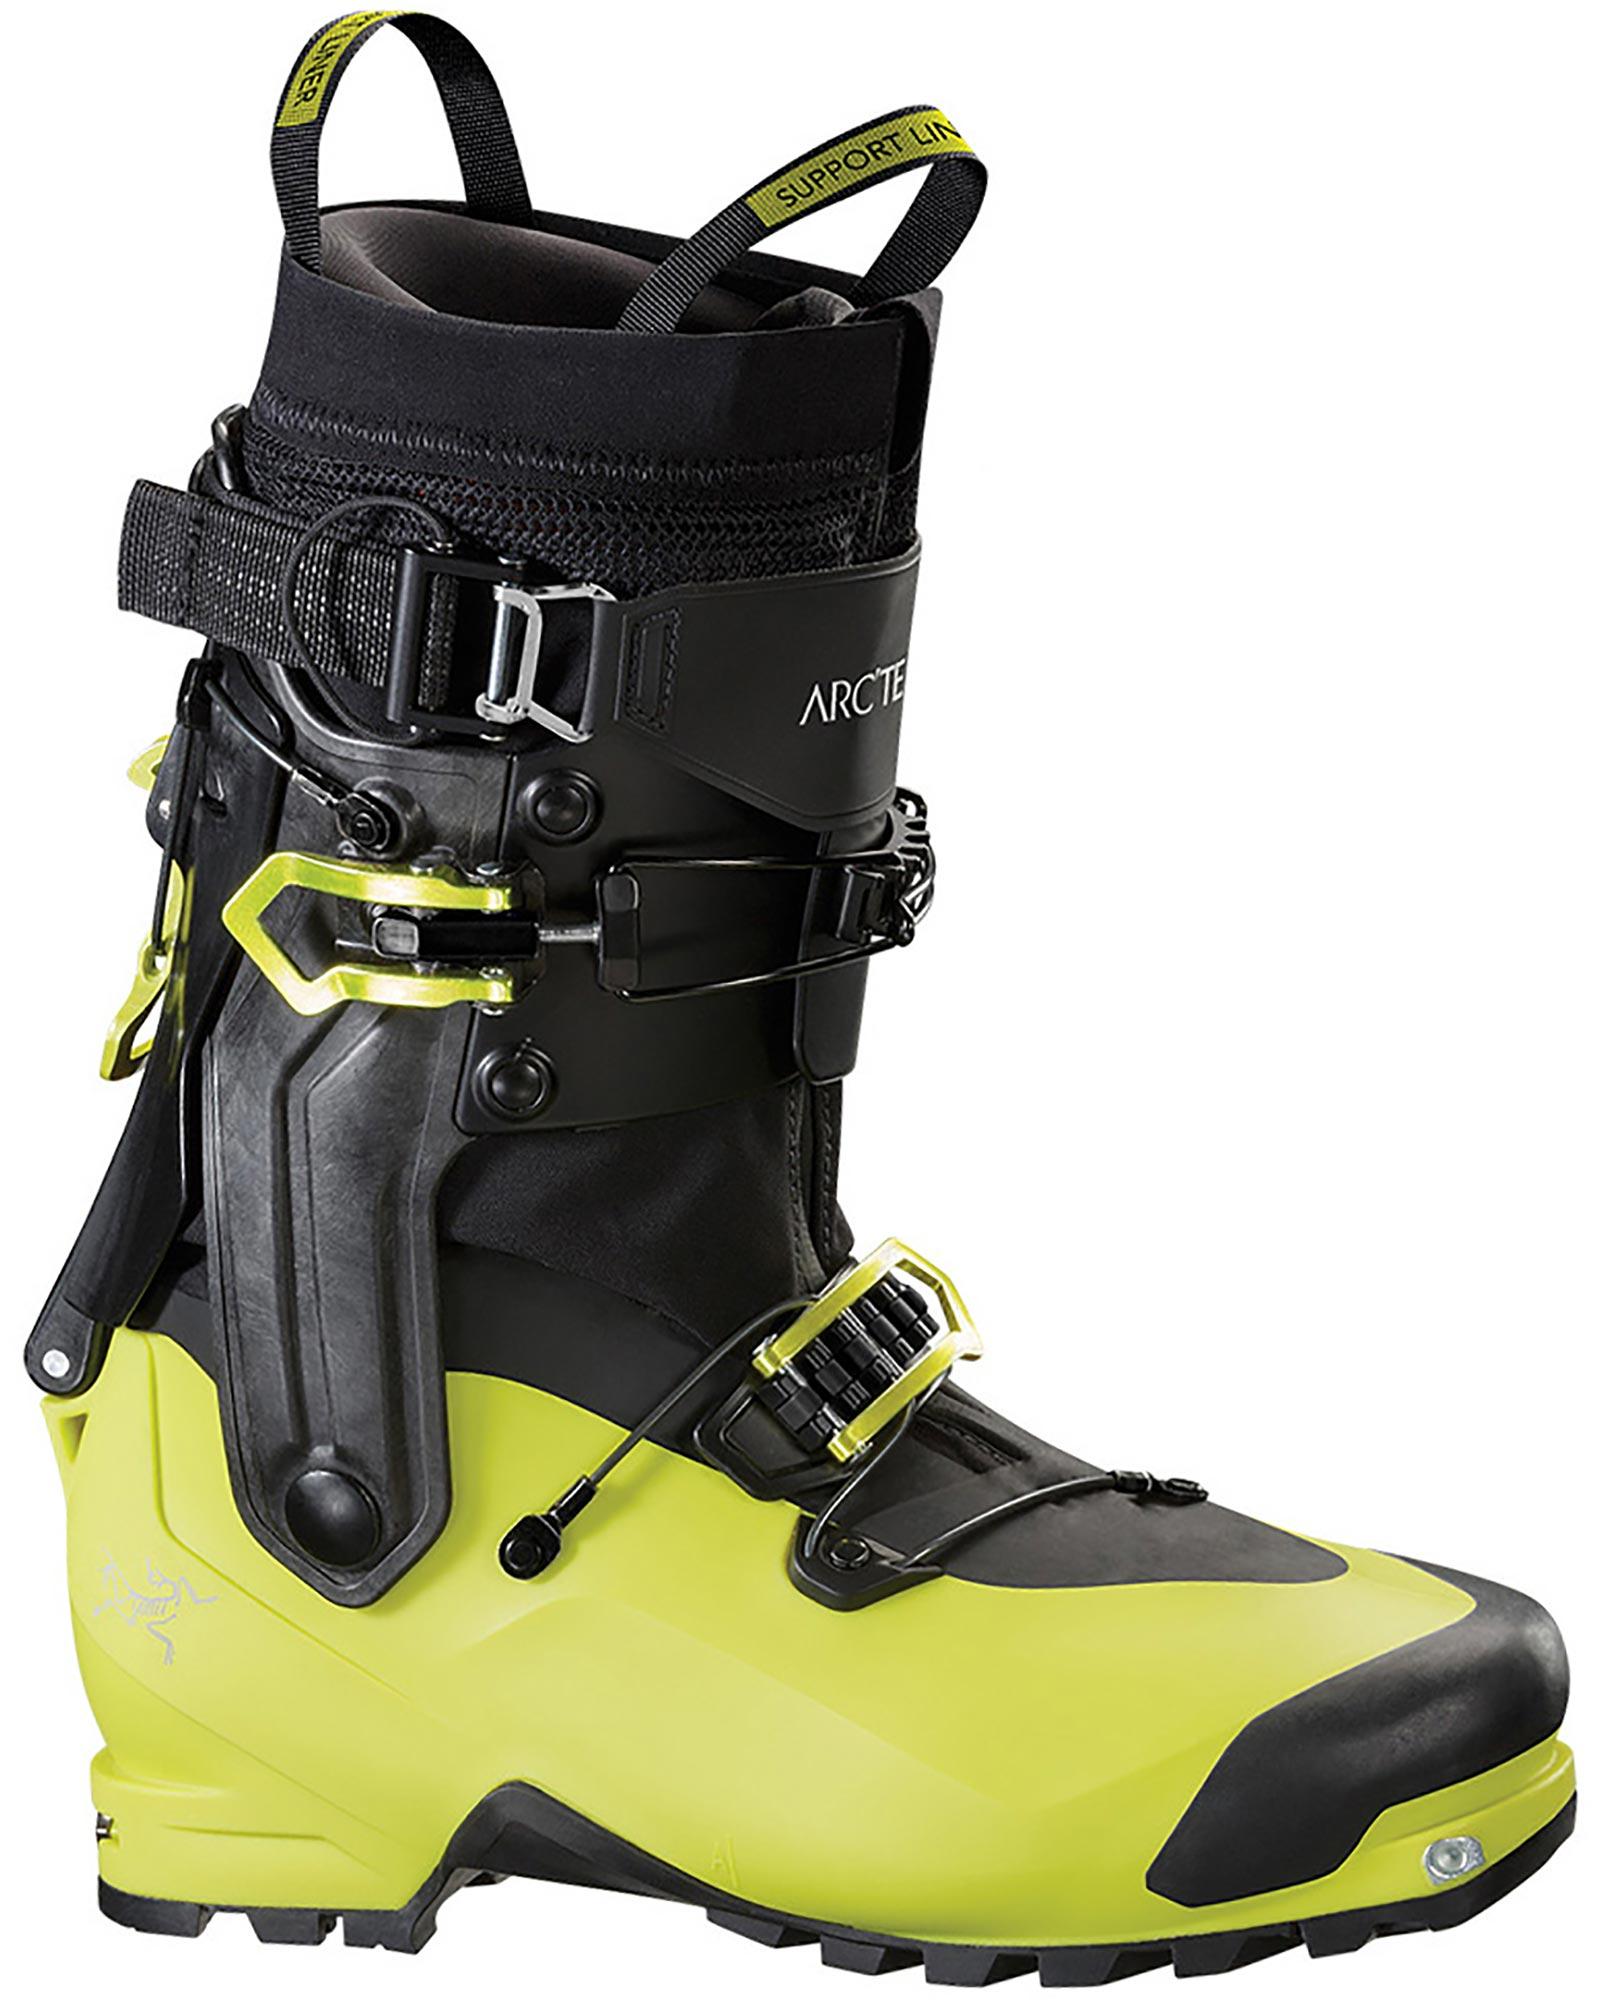 Arc'teryx Women's Procline Support Ski Boots 2016 / 2017 0